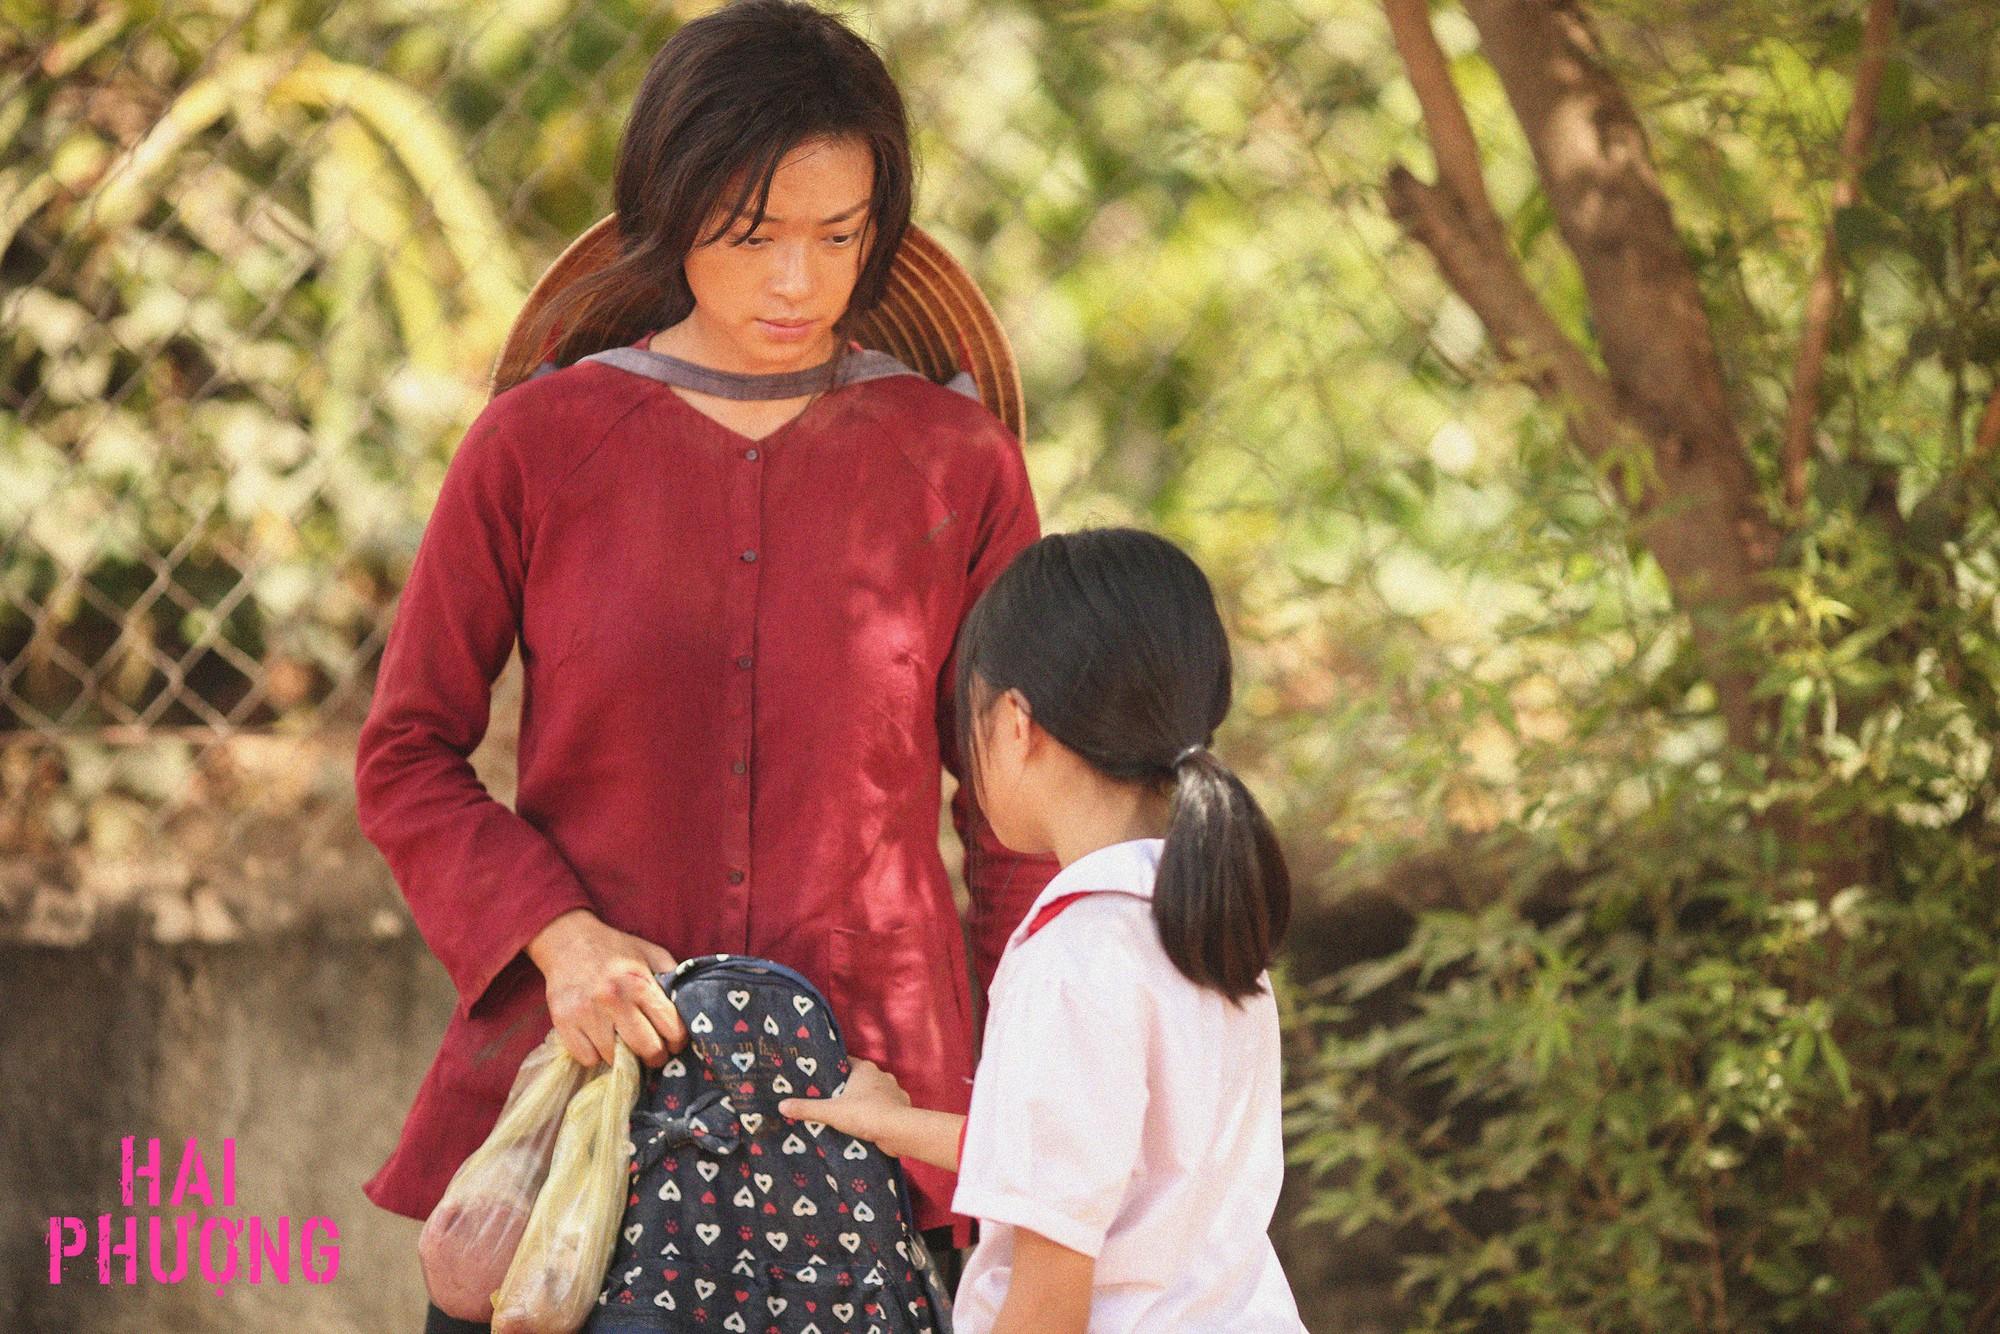 """""""Ý"""" trong Hai Phượng: Thú vị về sự khác biệt trong văn hóa xưng hô của người Việt - Ảnh 2."""